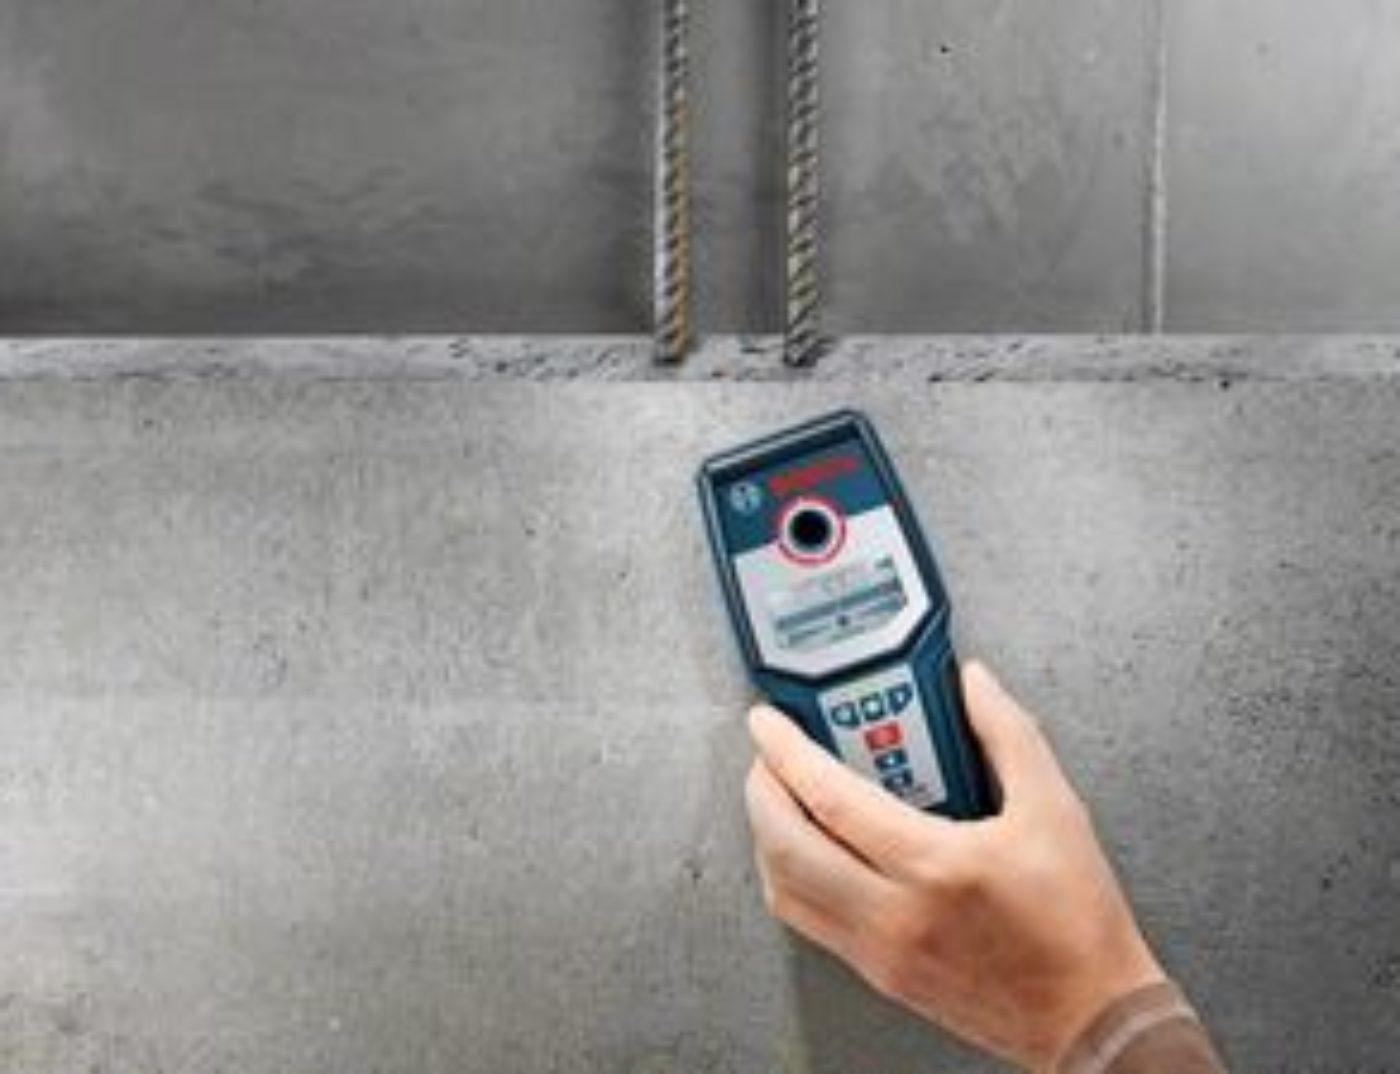 Детектор скрытой проводки: предназначение, выбор сканеров и методы обнаружения проводов